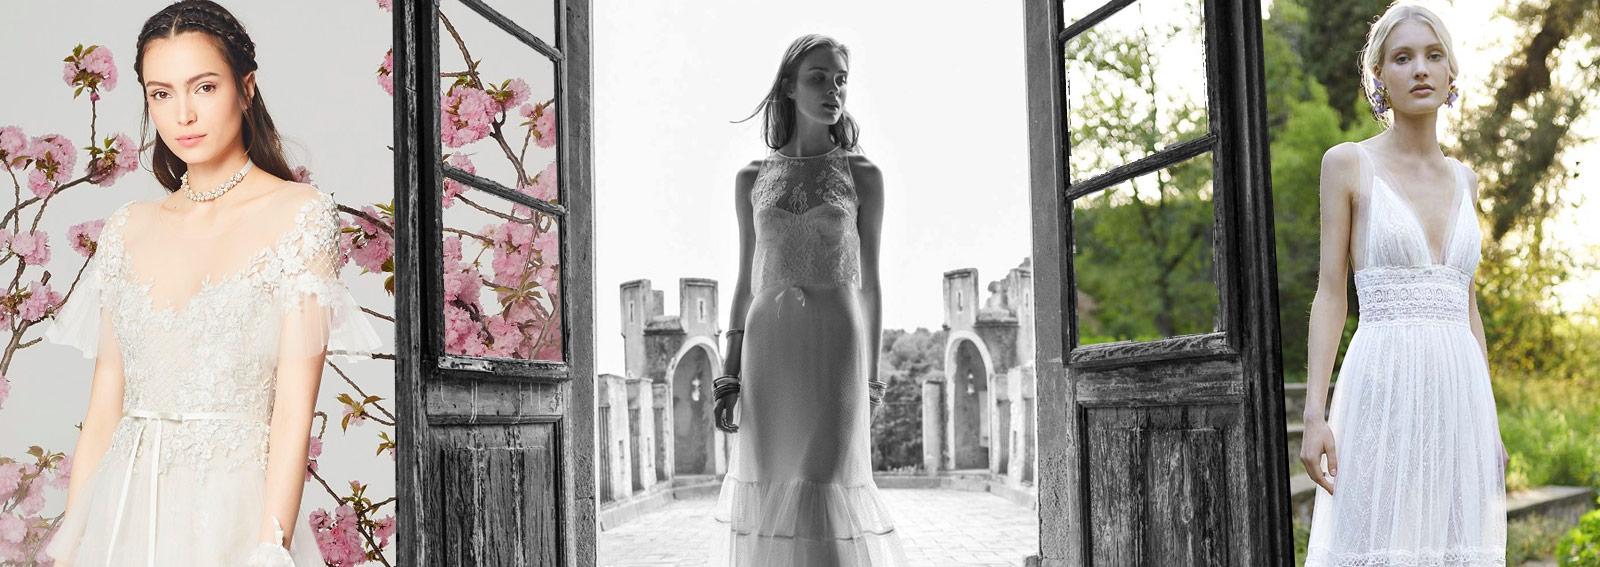 COVER-abiti-da-sposa-leggeri-estate-DESKTOP